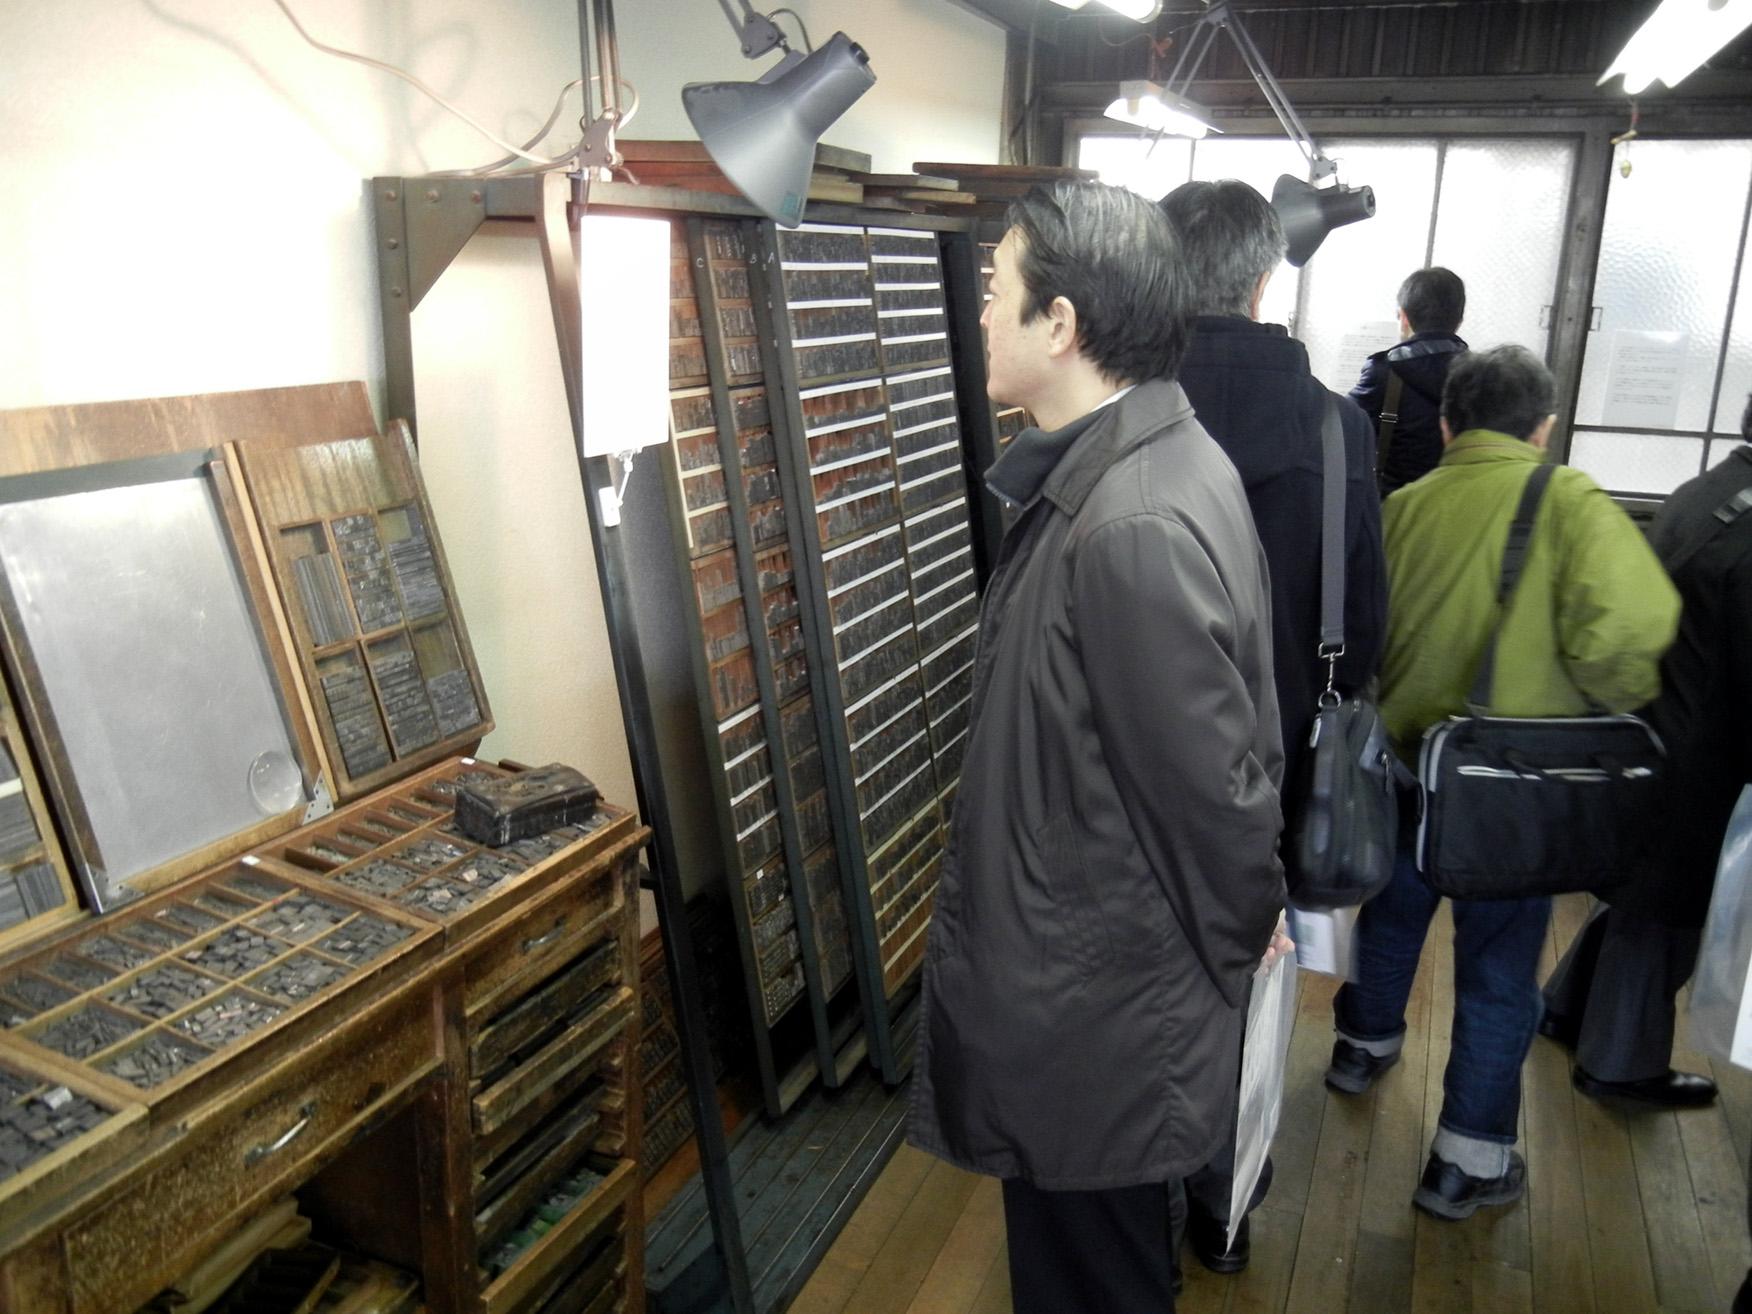 活字が並ぶ櫻井印刷所の活版印刷の工場